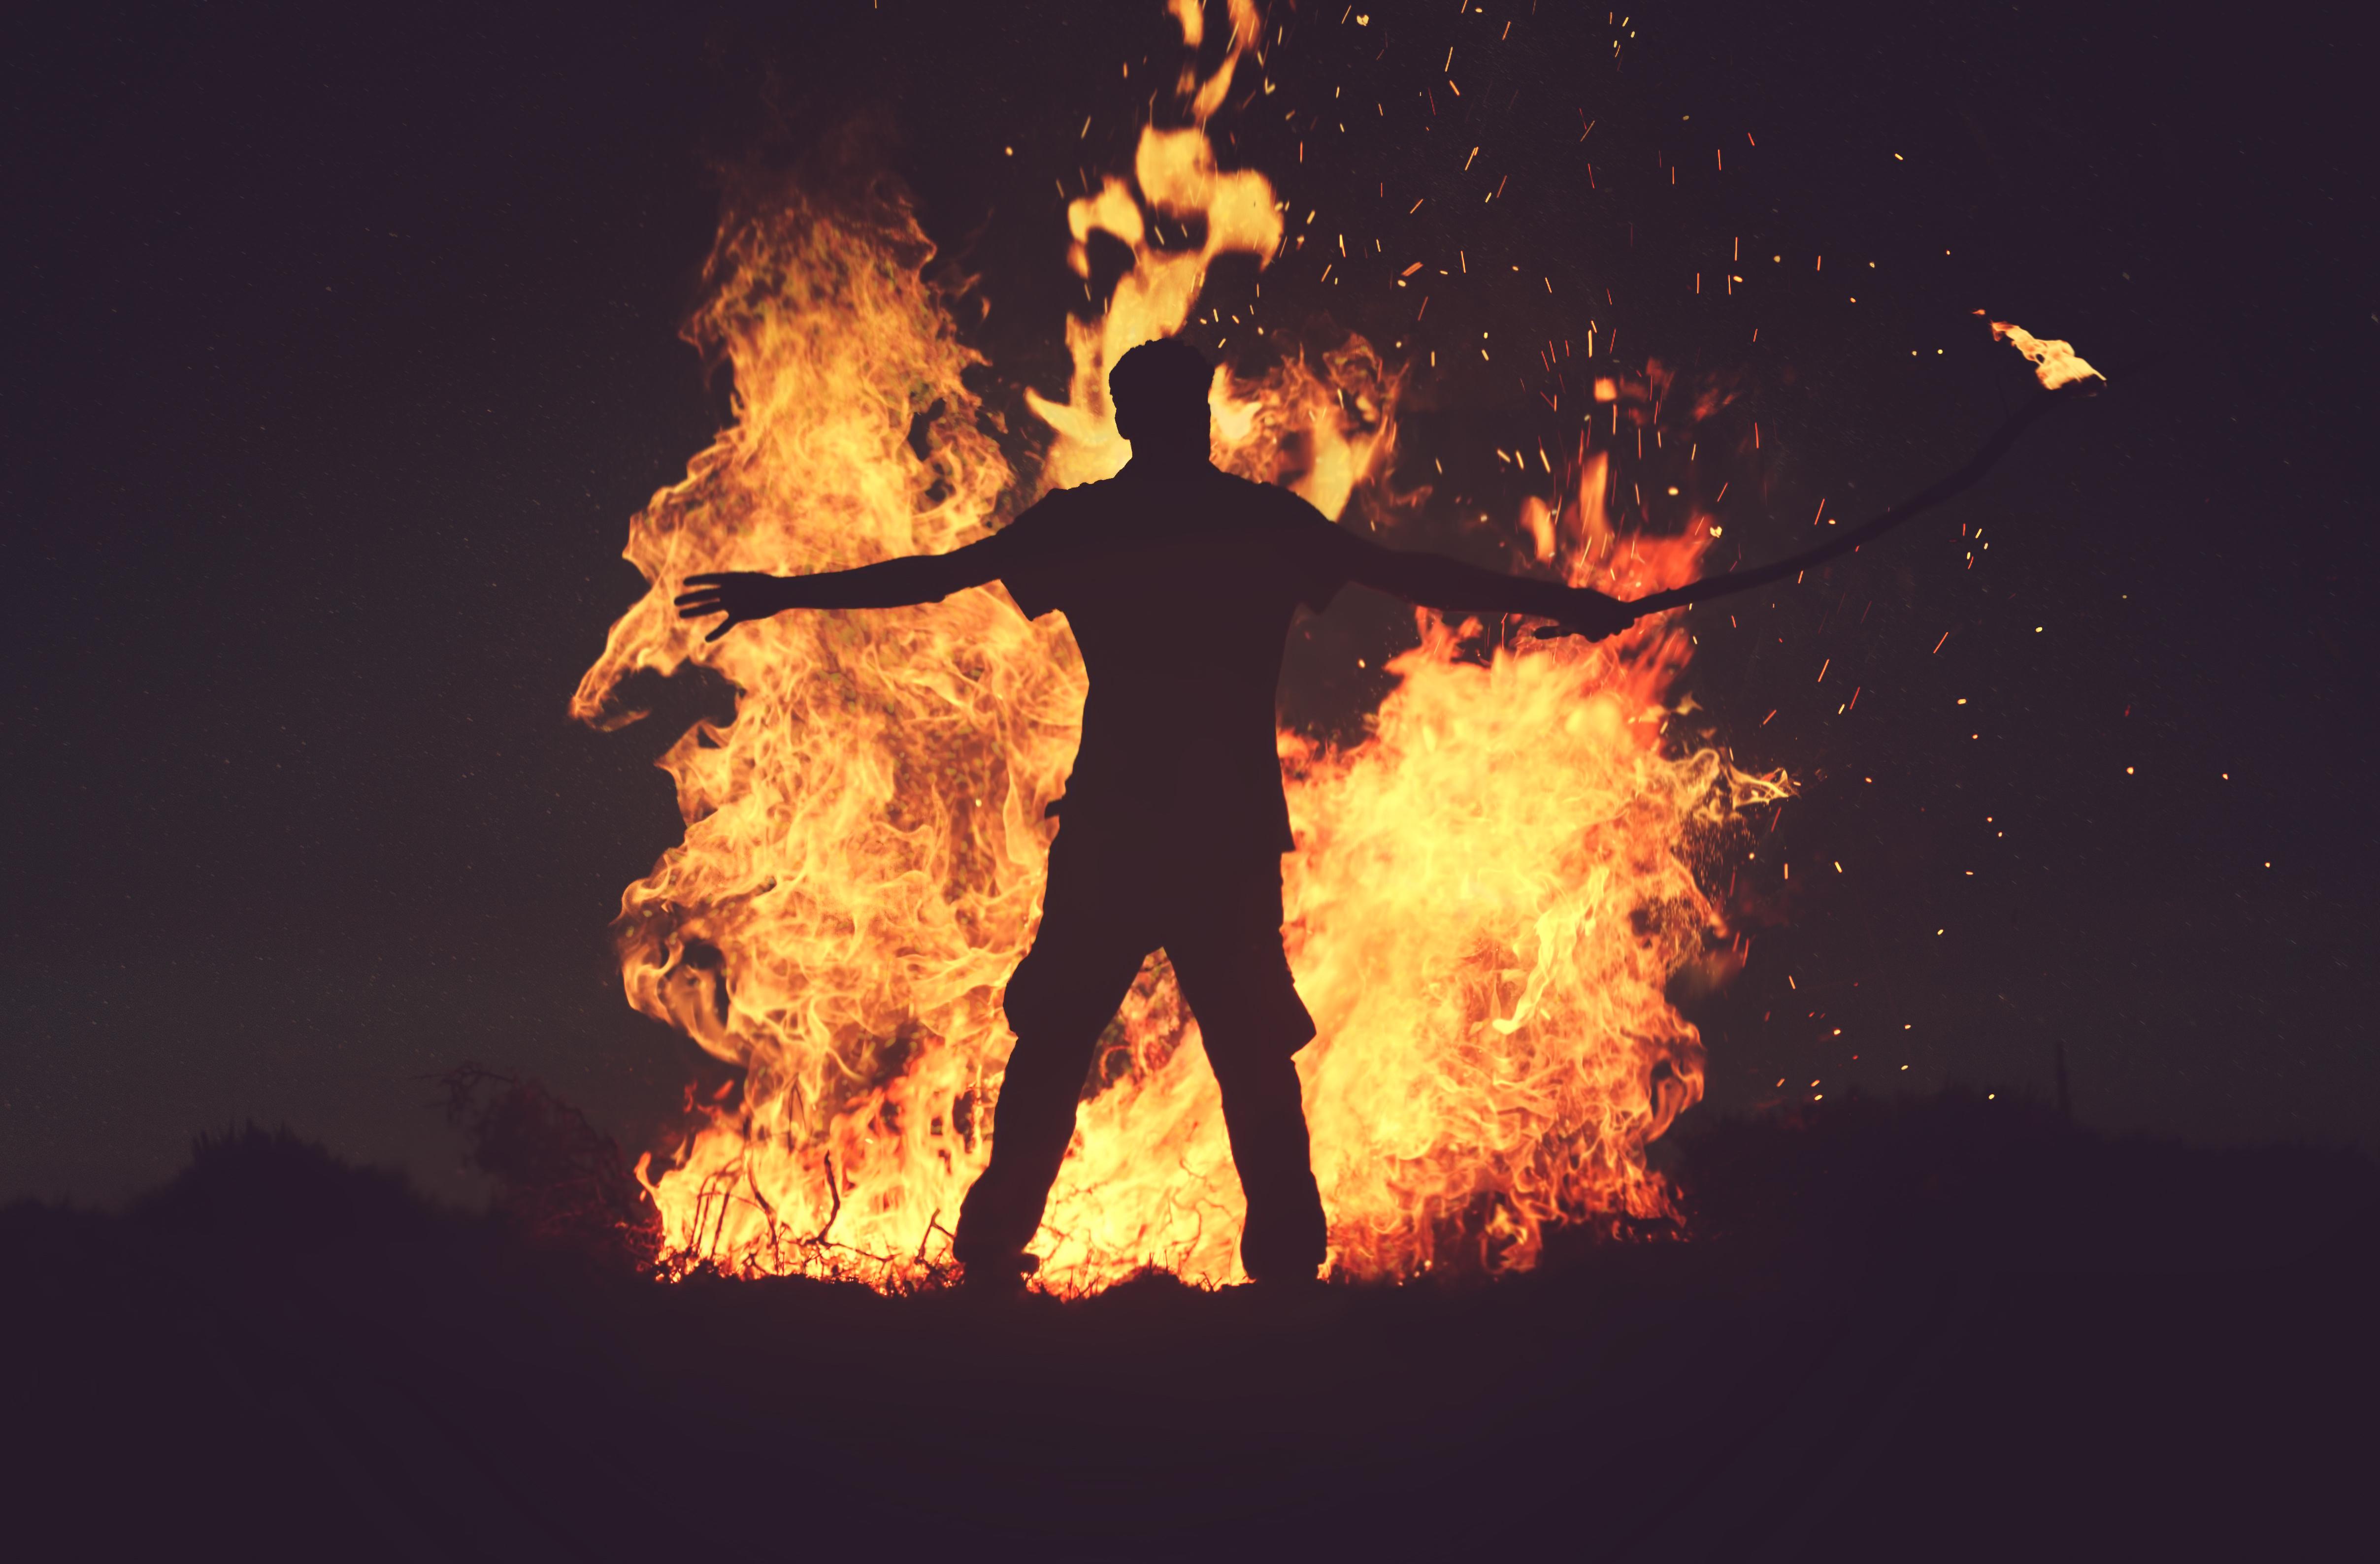 результаты картинки мужик огонь объекты вселенной взаимопроникают